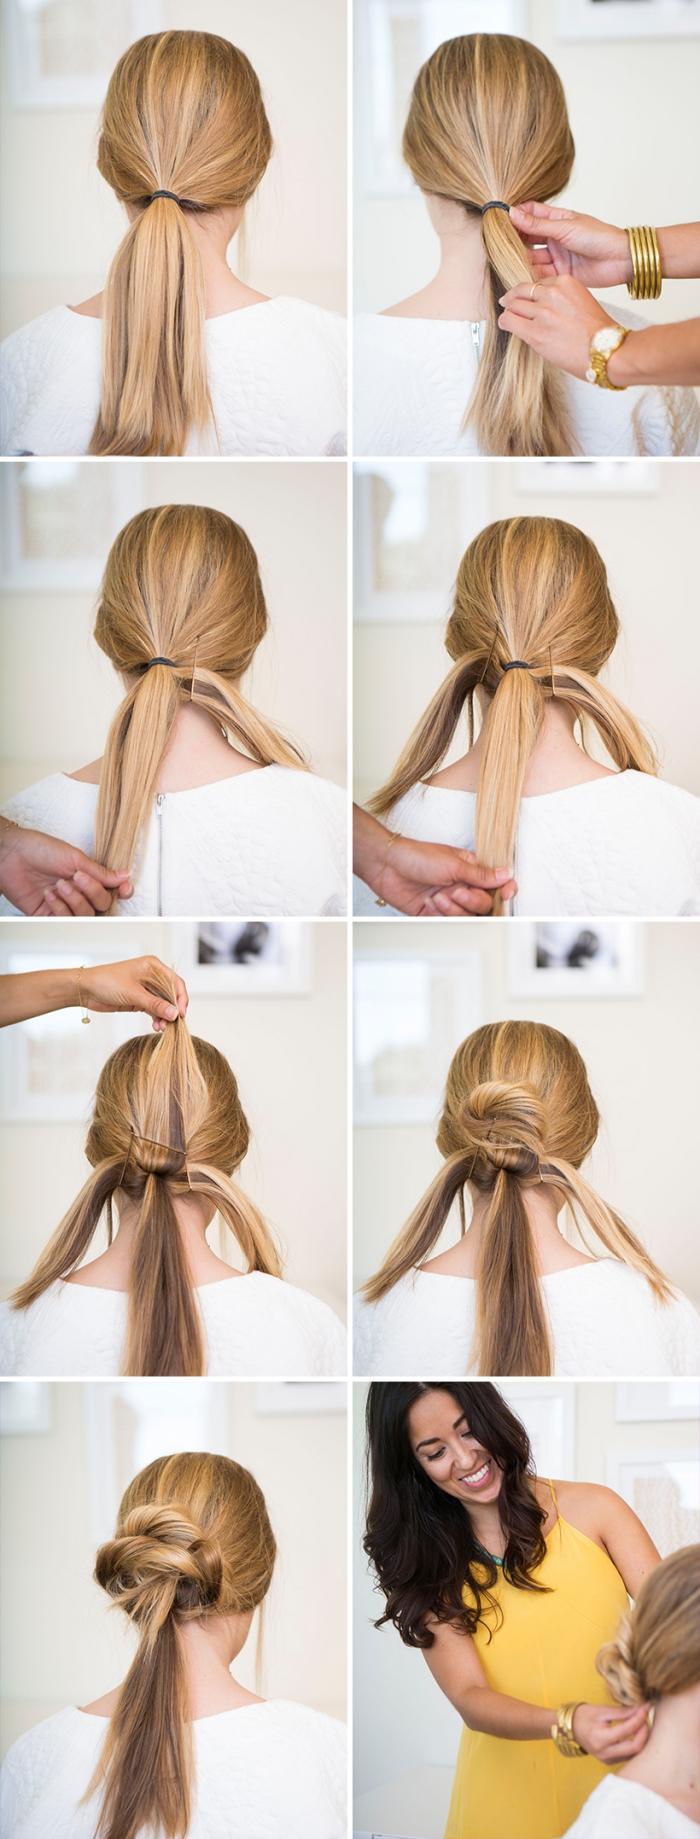 las mejores ideas de peinados bonitos pelo largo, cómo hacer un moño trenzado paso a paso